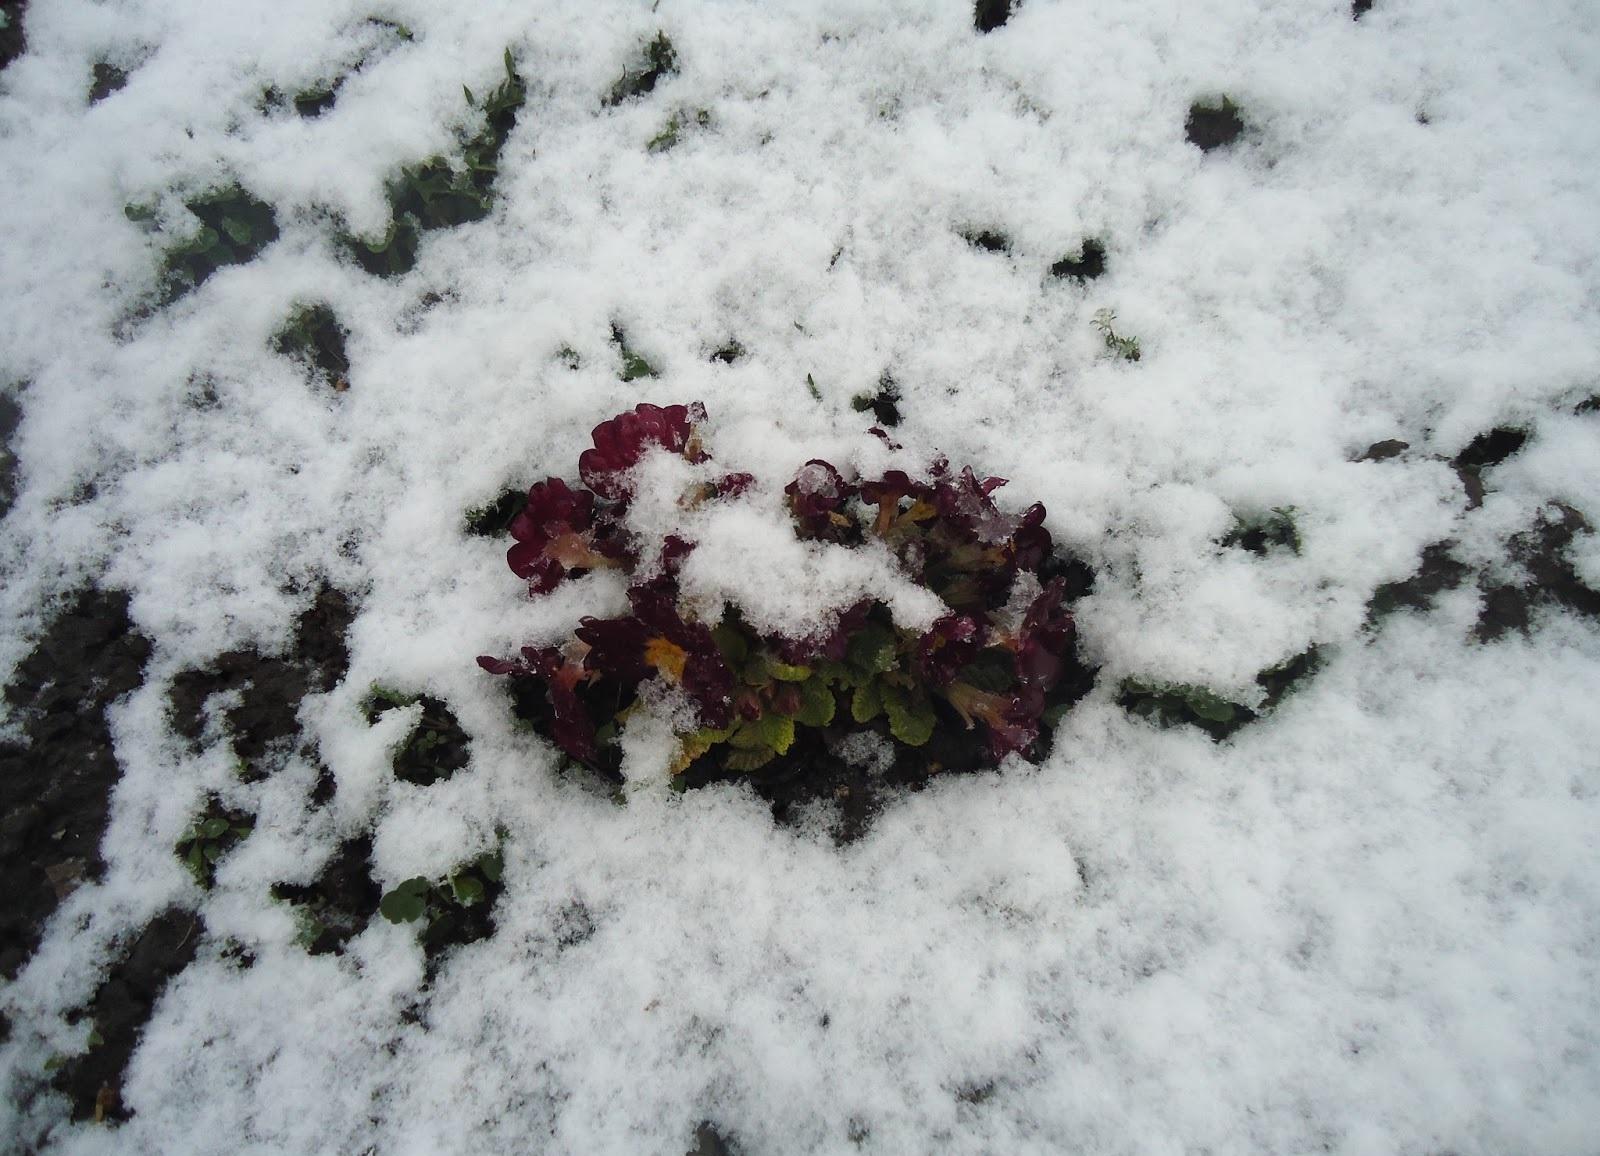 Клубнику укрывают снегом